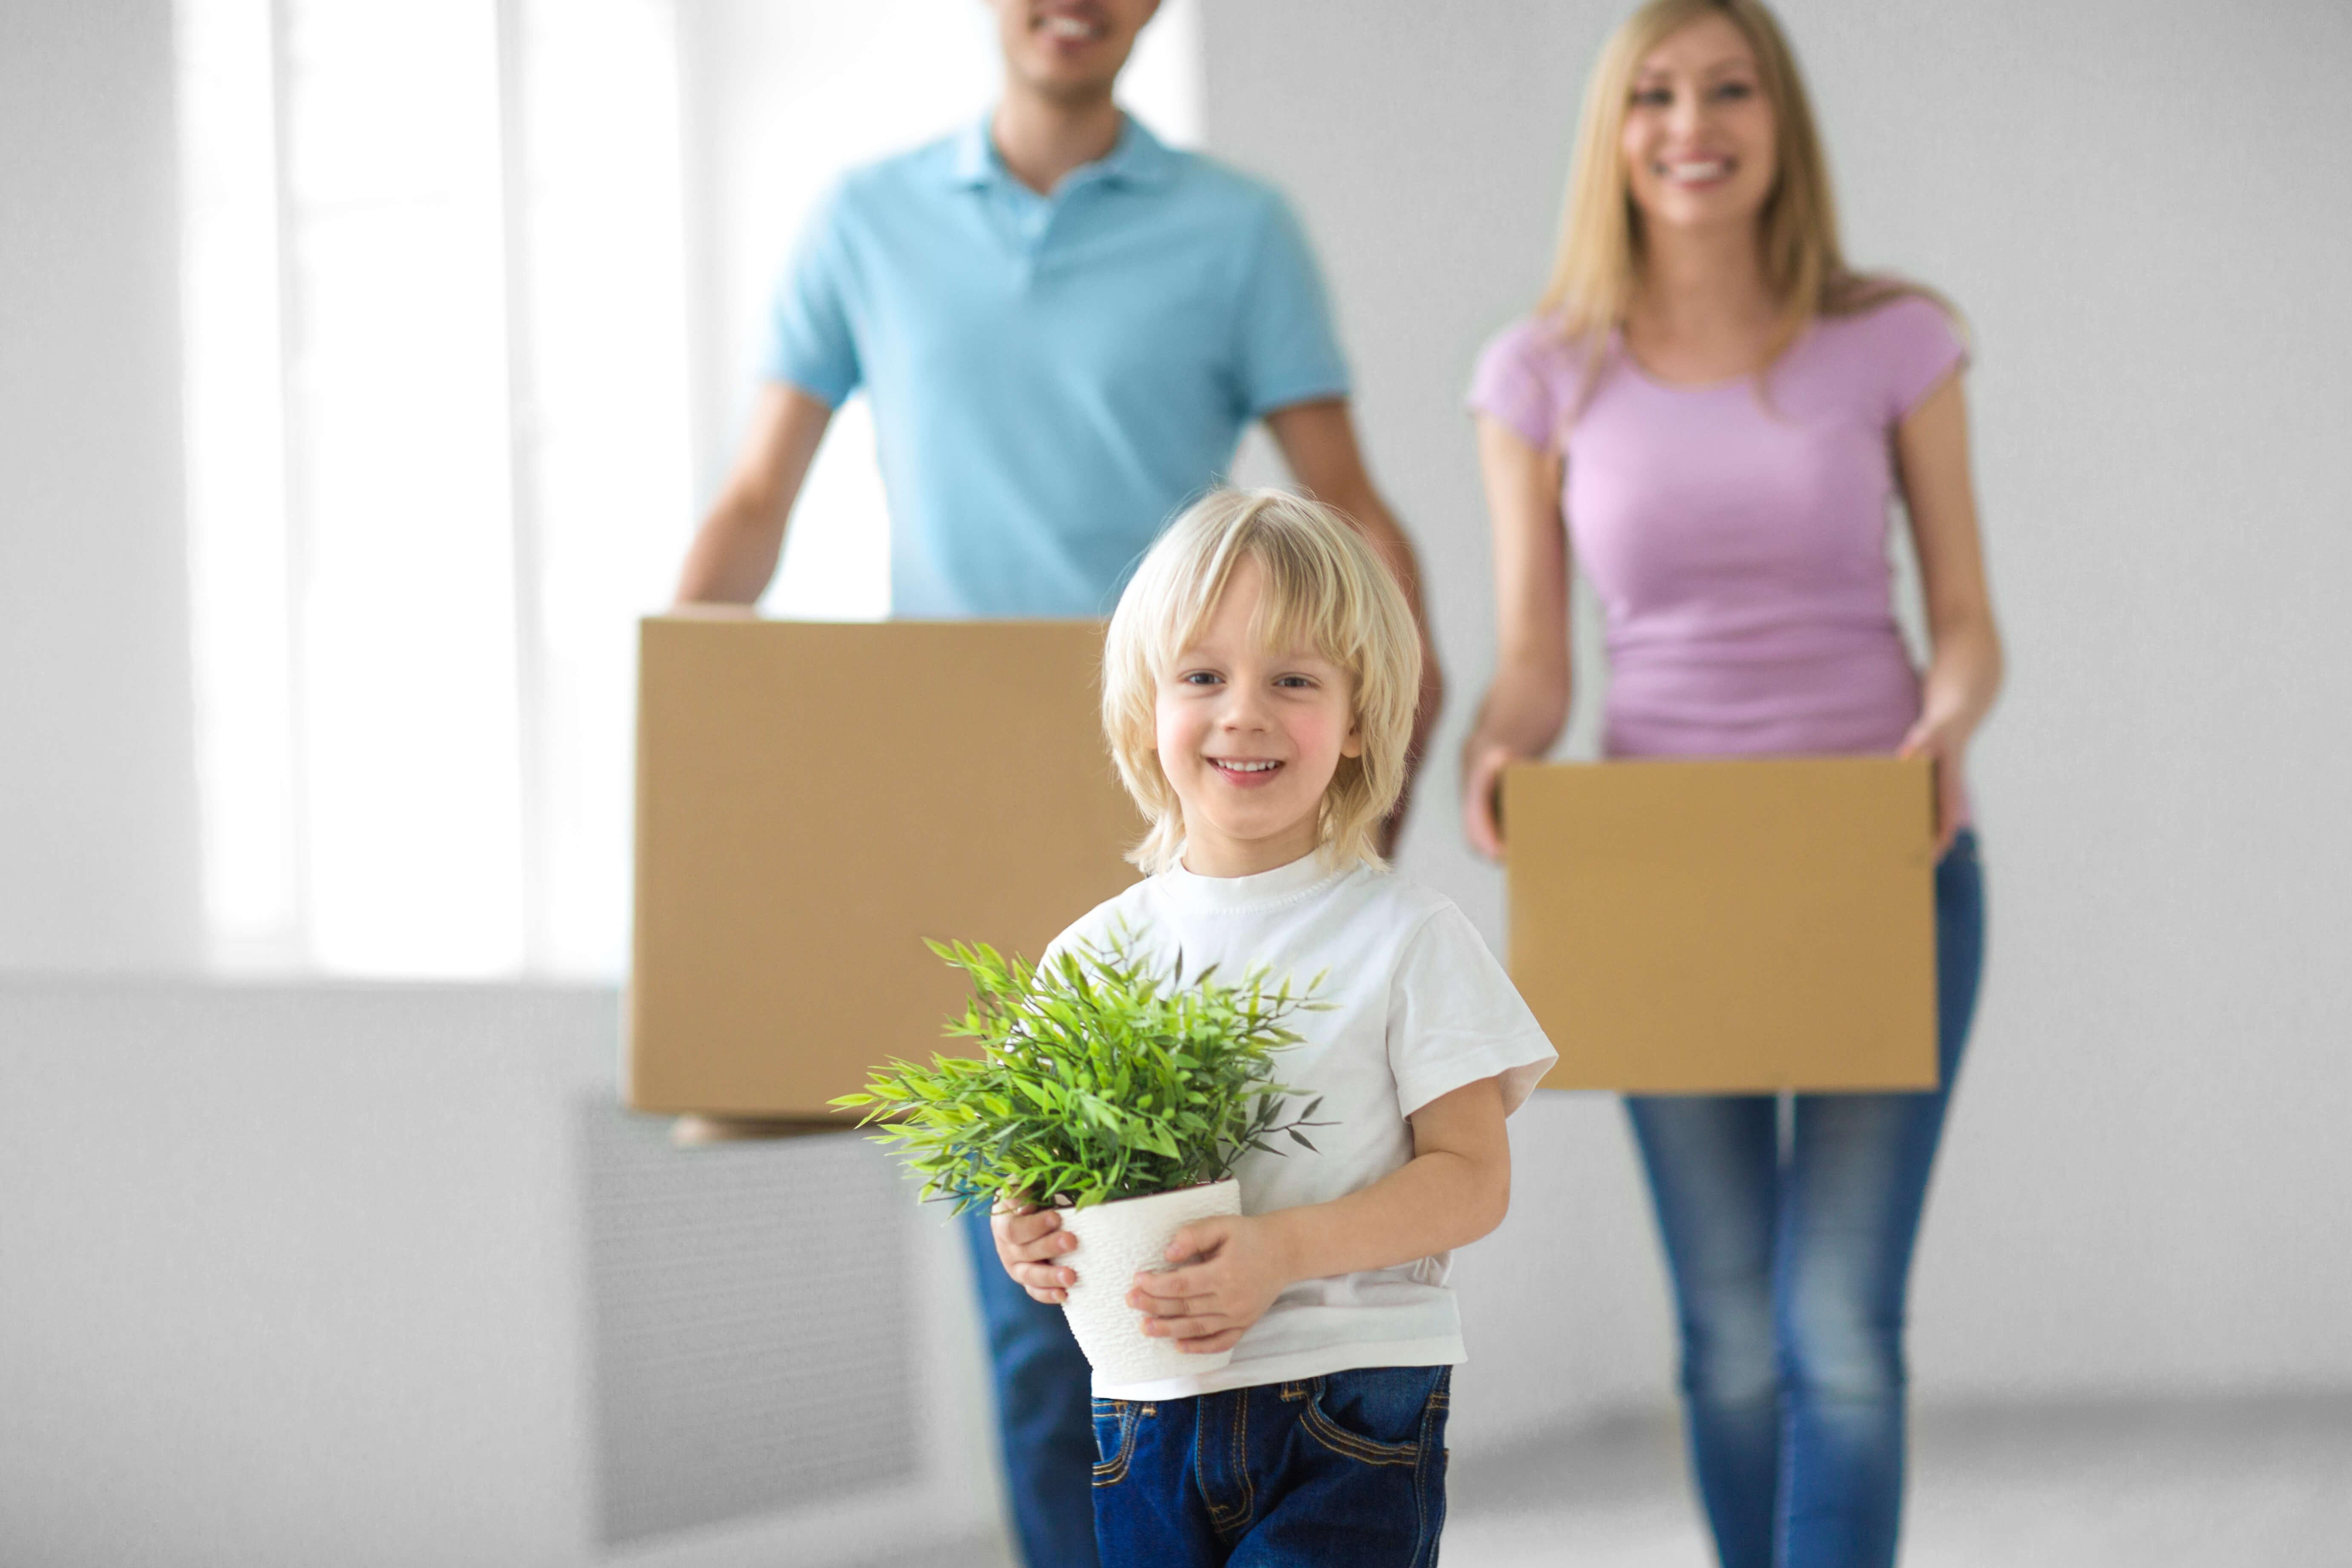 Kiadó lakások családoknak: gyorsan és jó áron